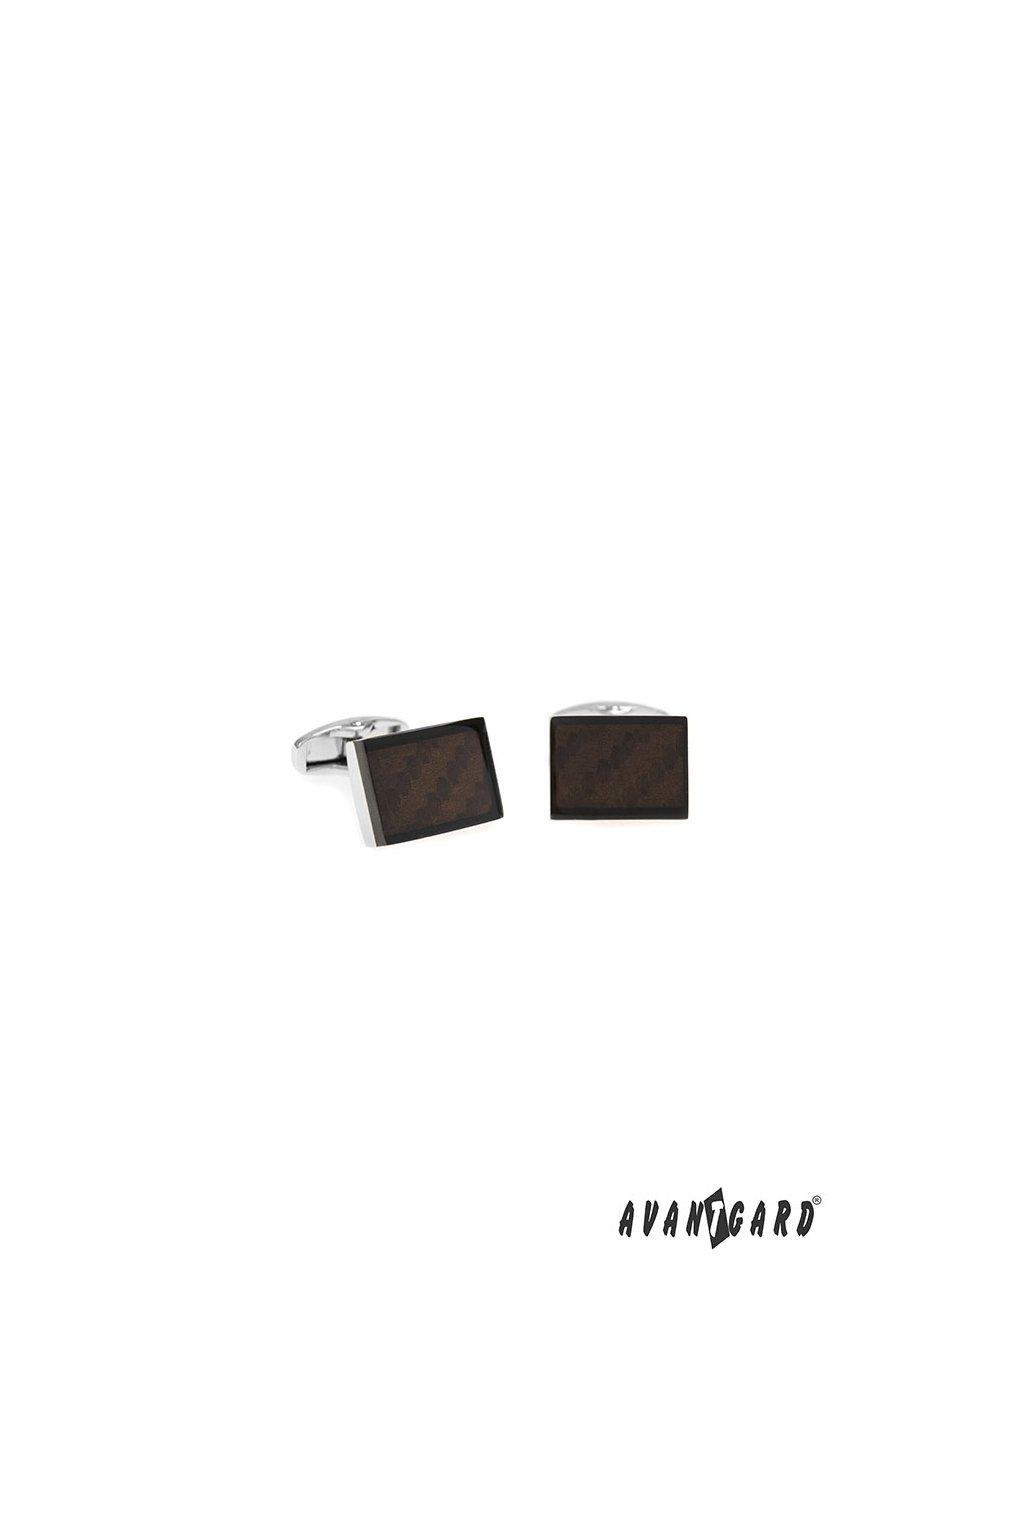 Manžetové knoflíčky PREMIUM, 573-20768, Stříbrná lesk/hnědá